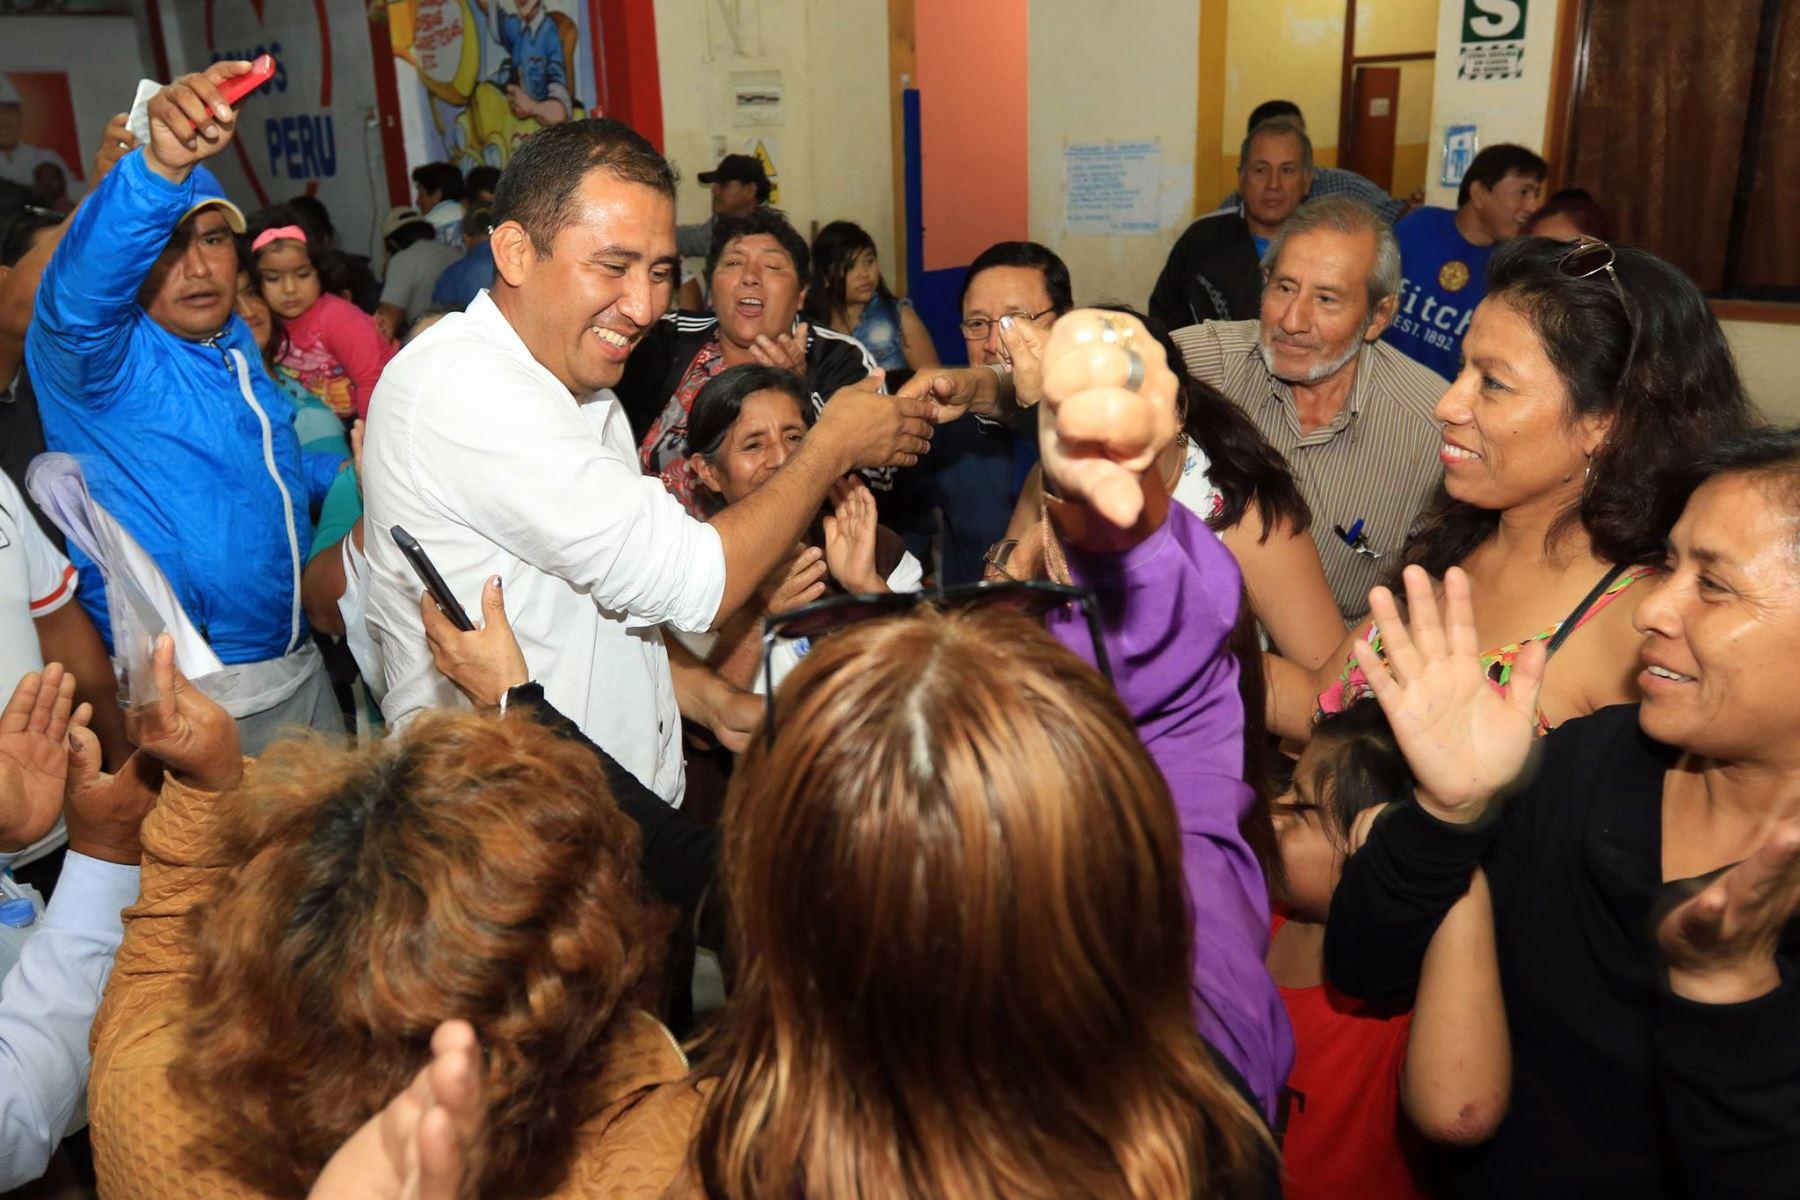 El electo gobernador regional de Áncash, Juan Carlos Morillo Ulloa (Somos Perú), afirmó que la política principal de su gobierno será la concertación con las demás fuerzas políticas de la región. ANDINA/Difusión